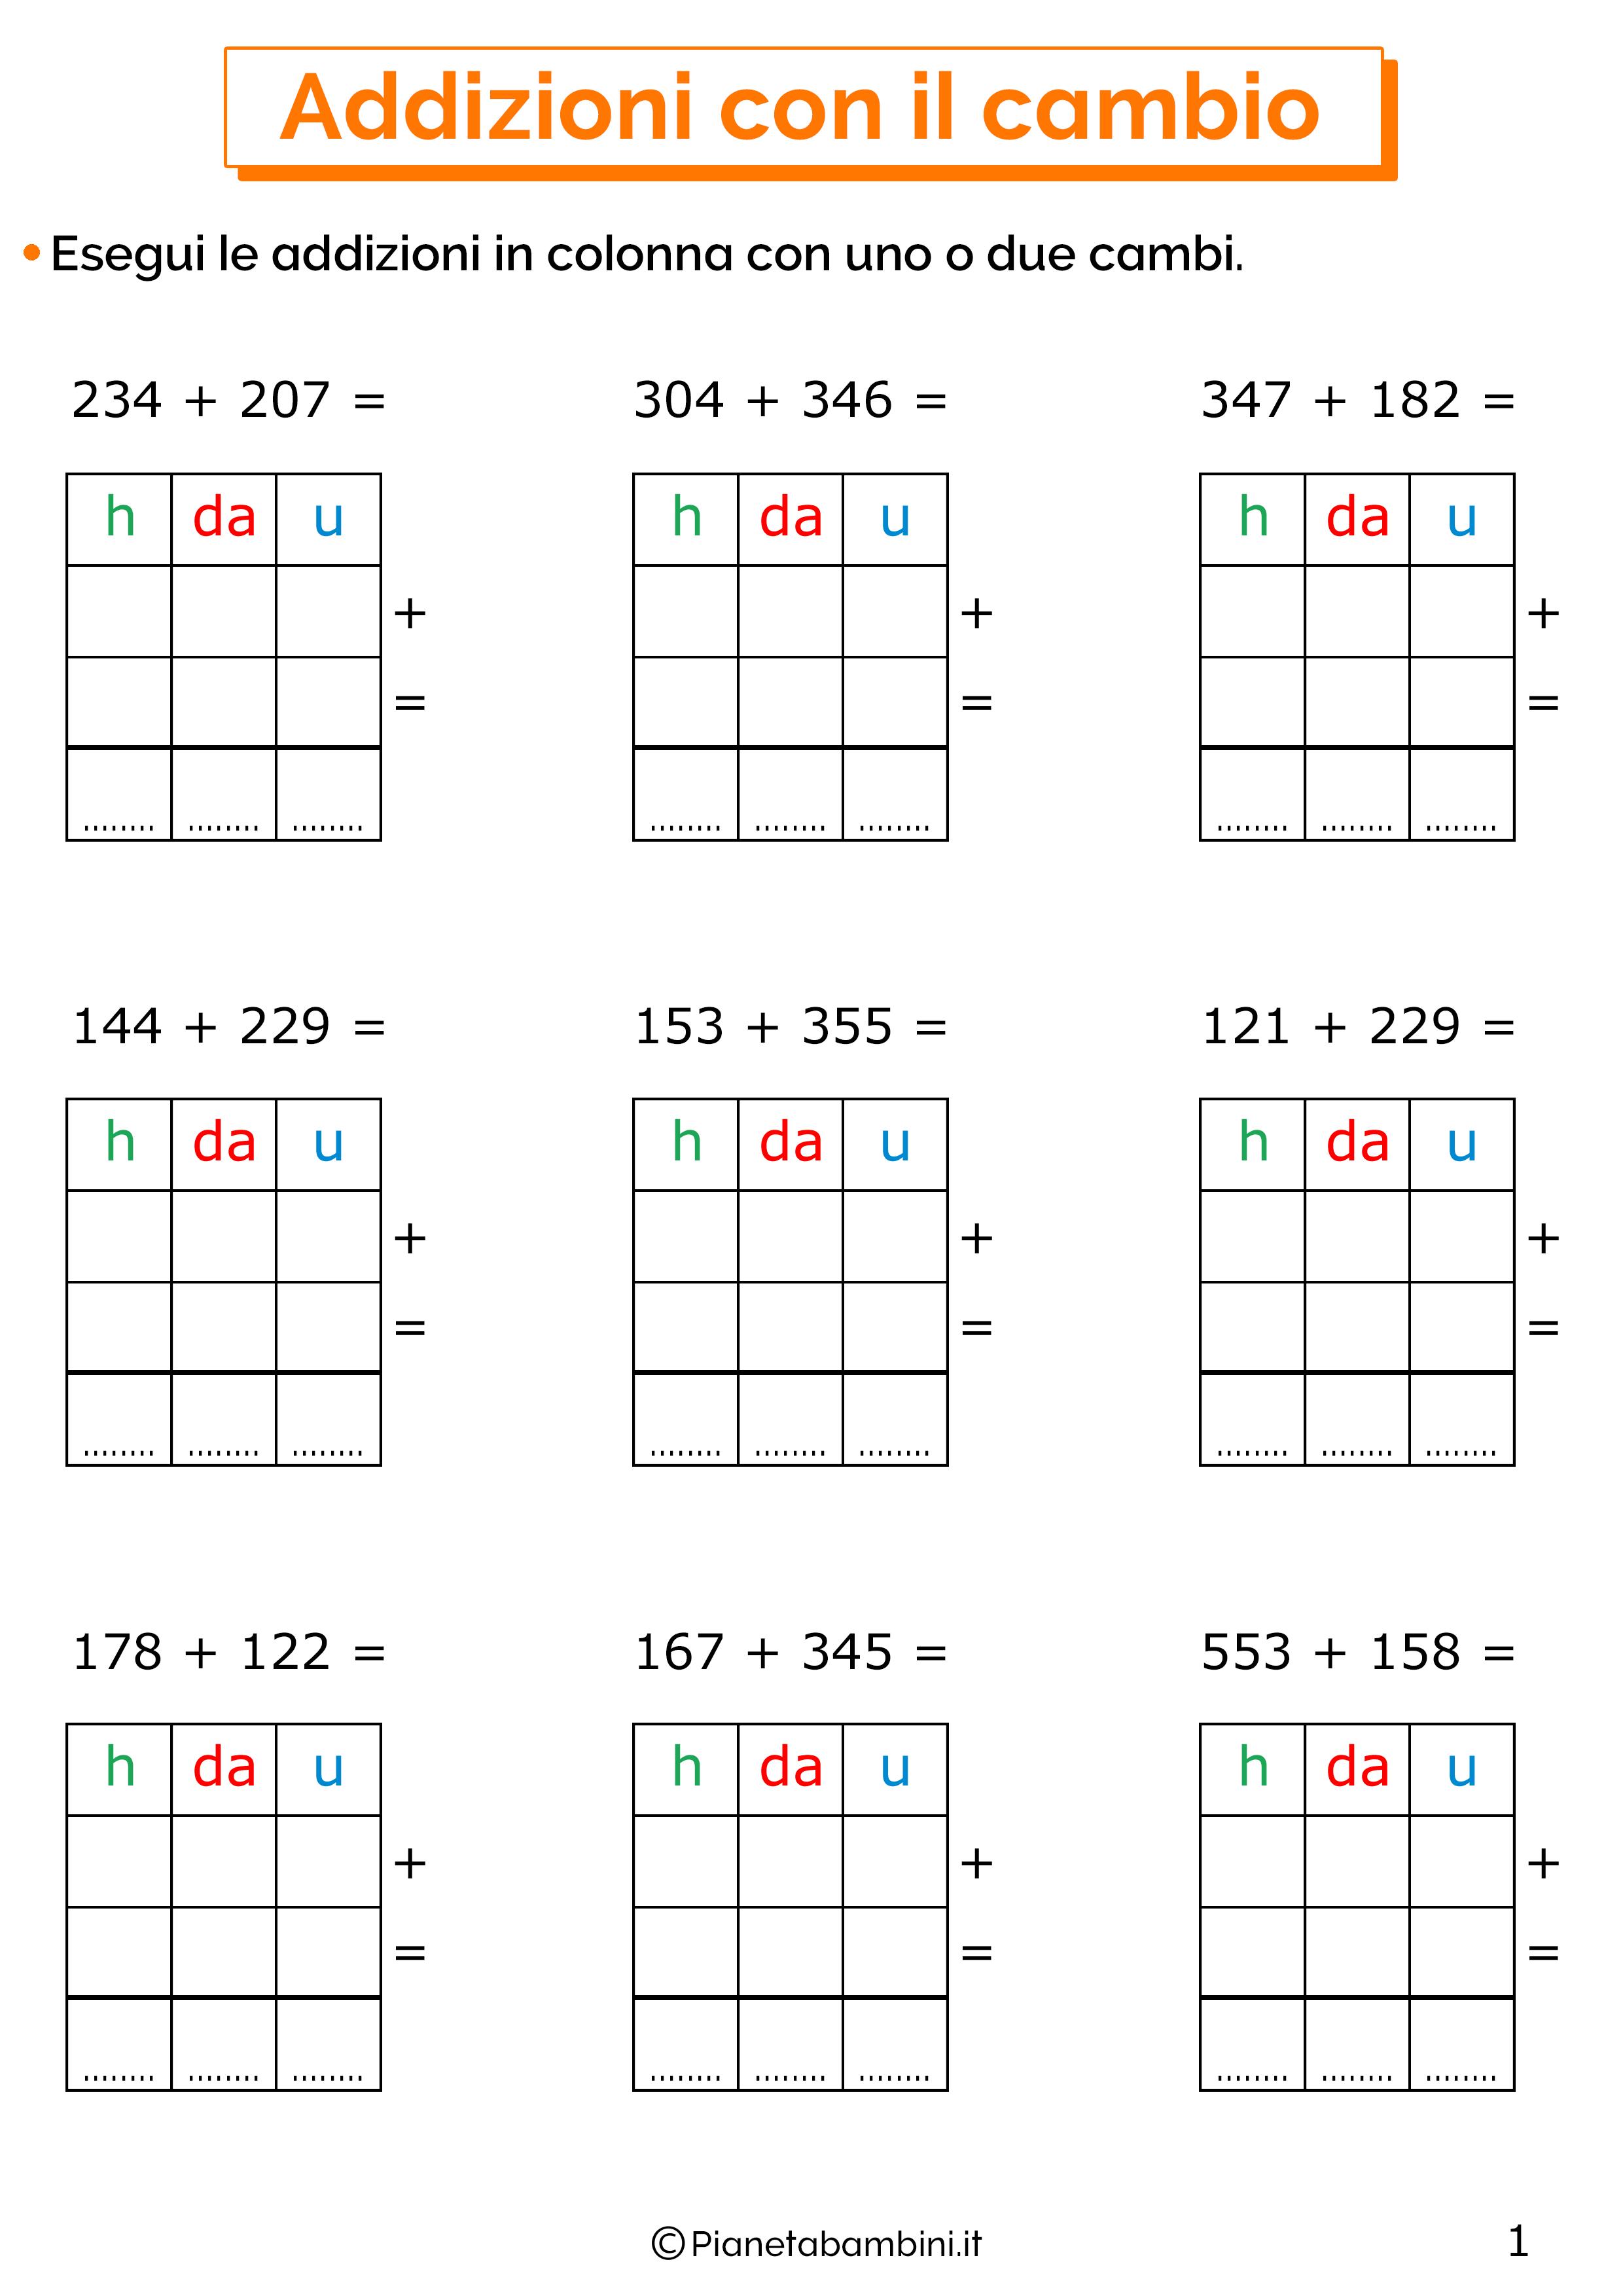 Addizioni in colonna con il cambio a tre cifre per la classe terza 1